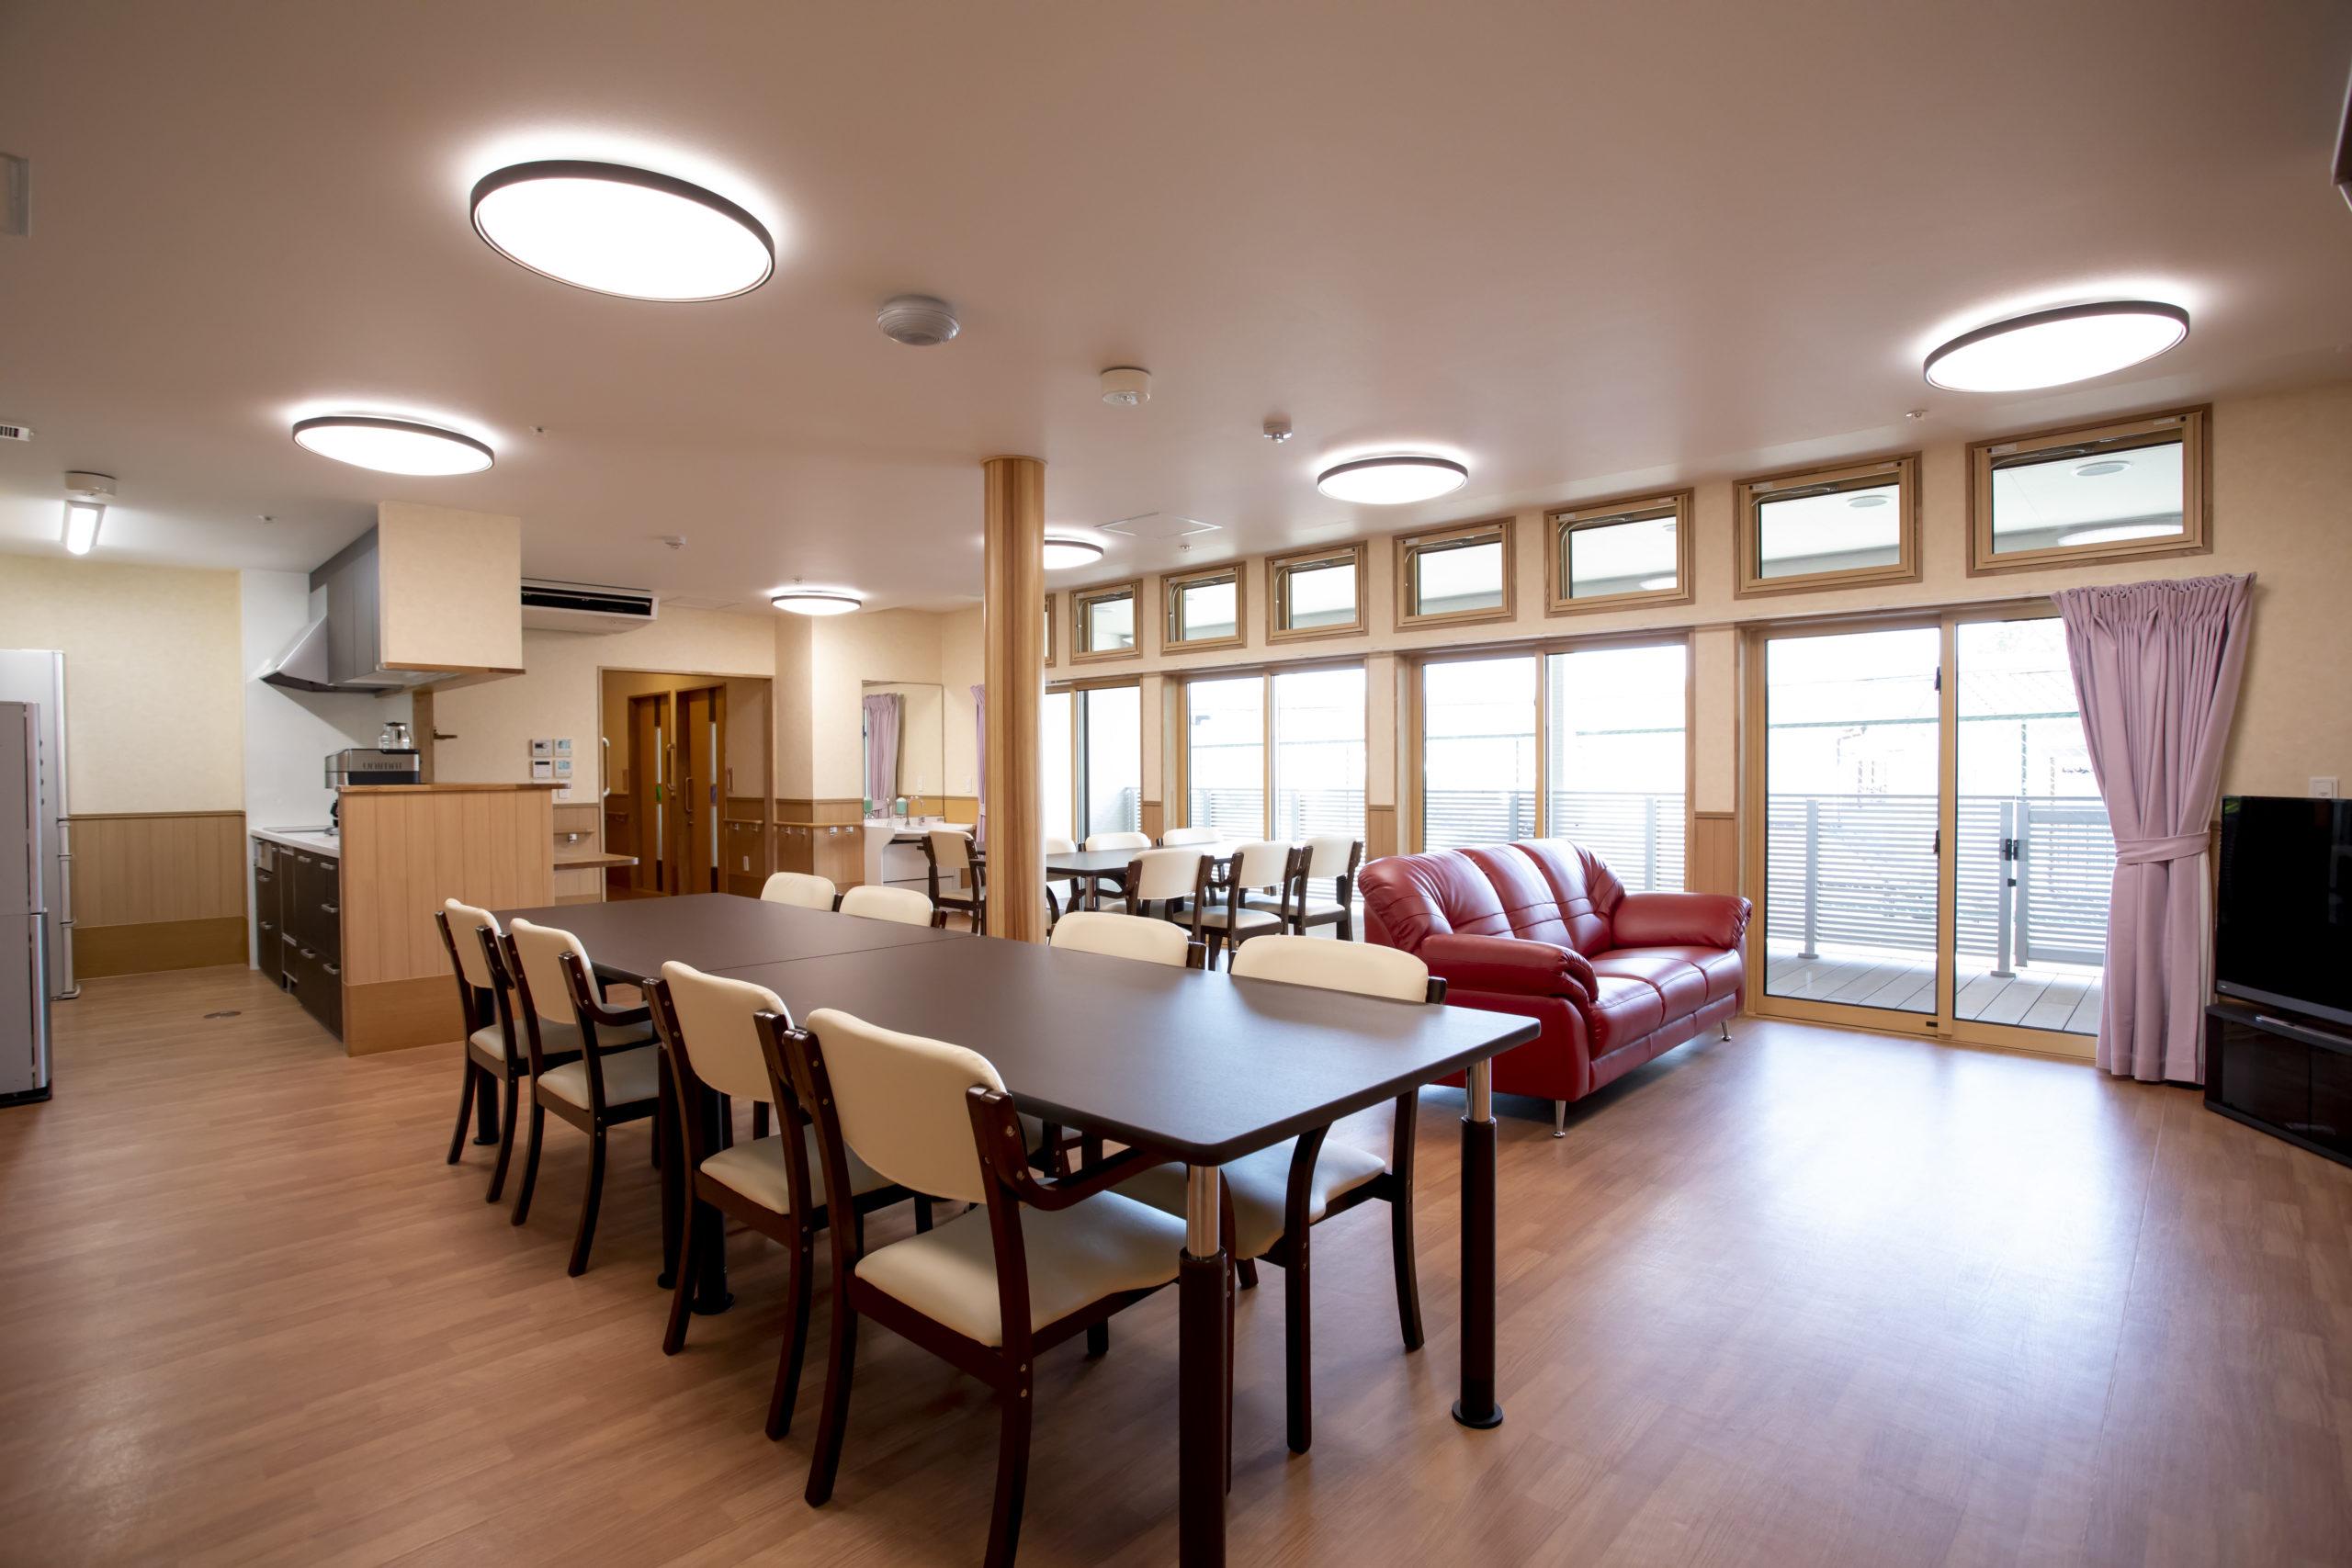 11看護小規模多機能居間・食堂(2)